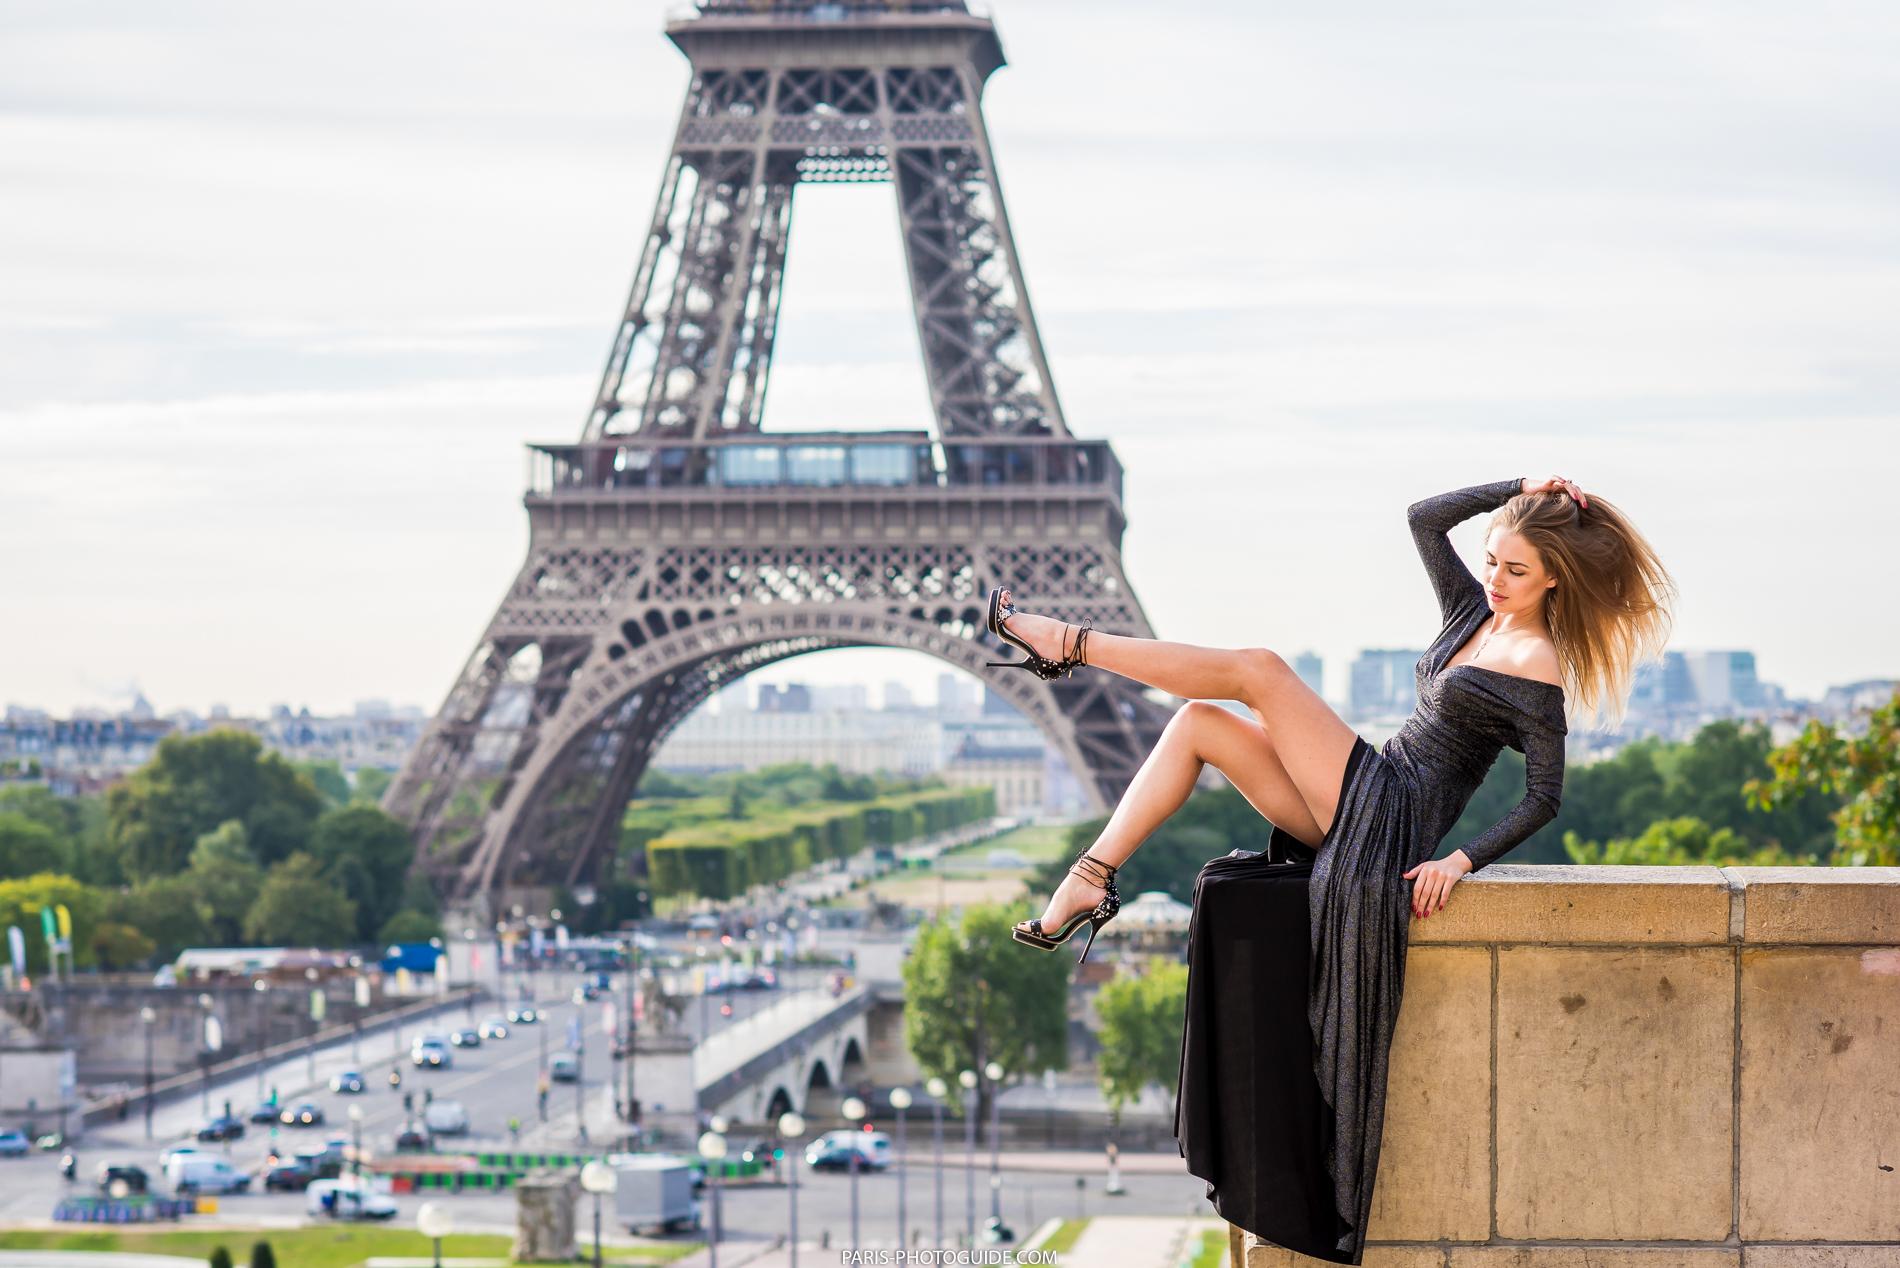 лучшие фото парижа известных фотографов матовое или молочное